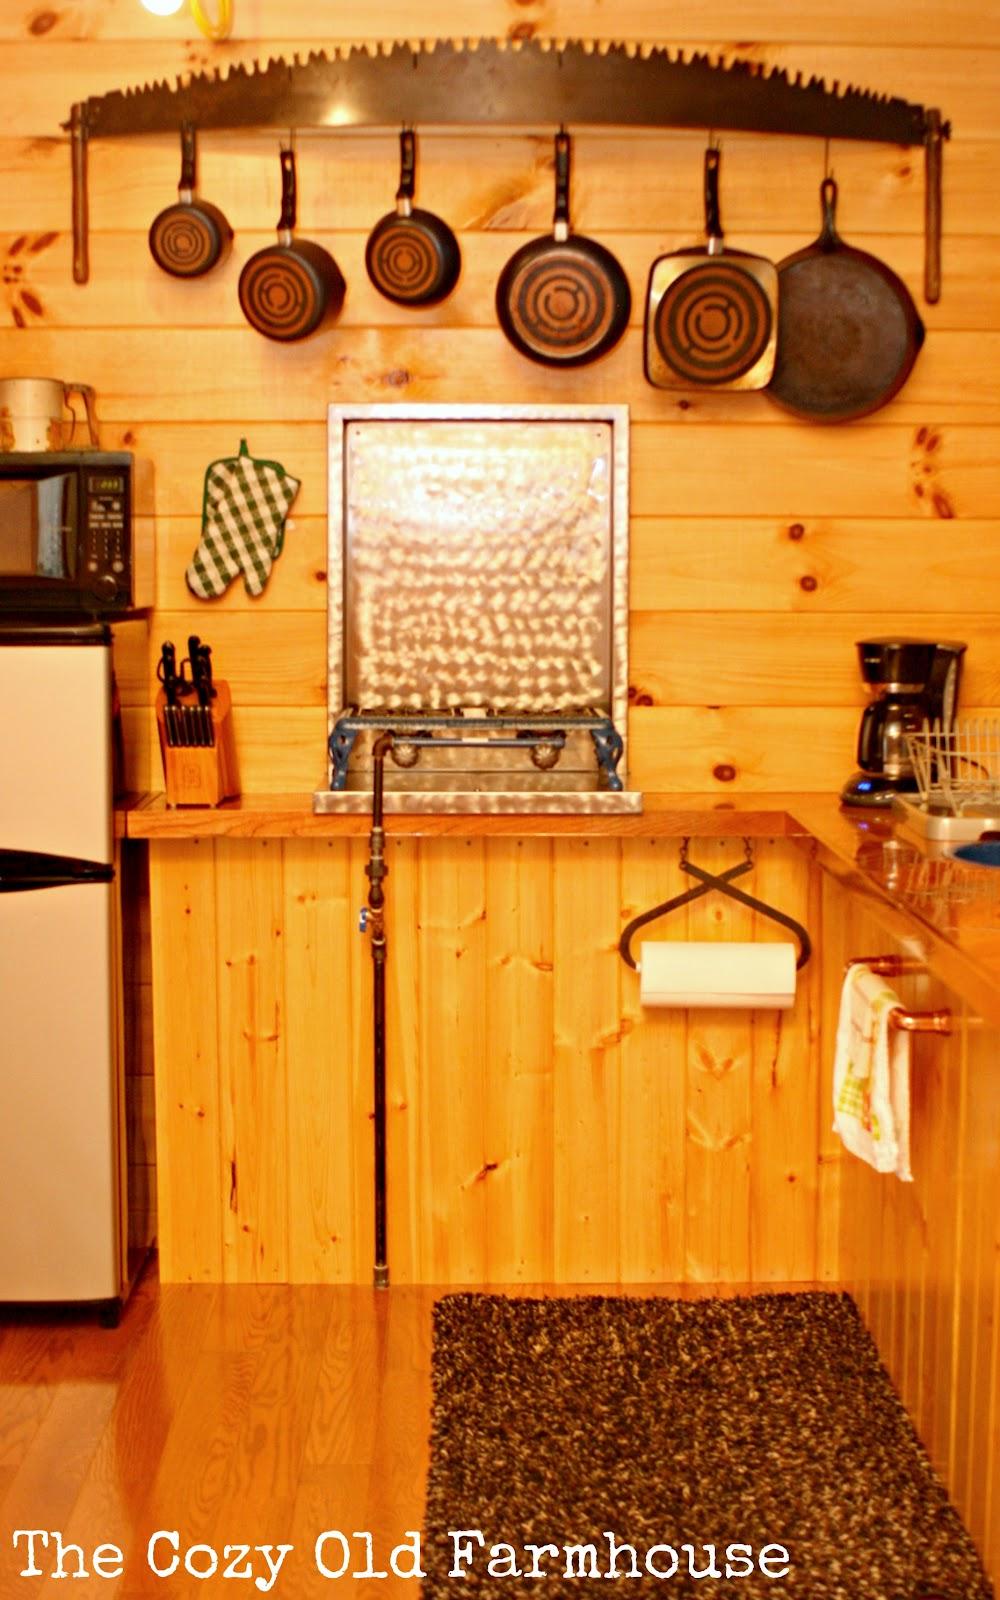 The Cozy Old Quot Farmhouse Quot Cutest Junkiest Vintage Cabin